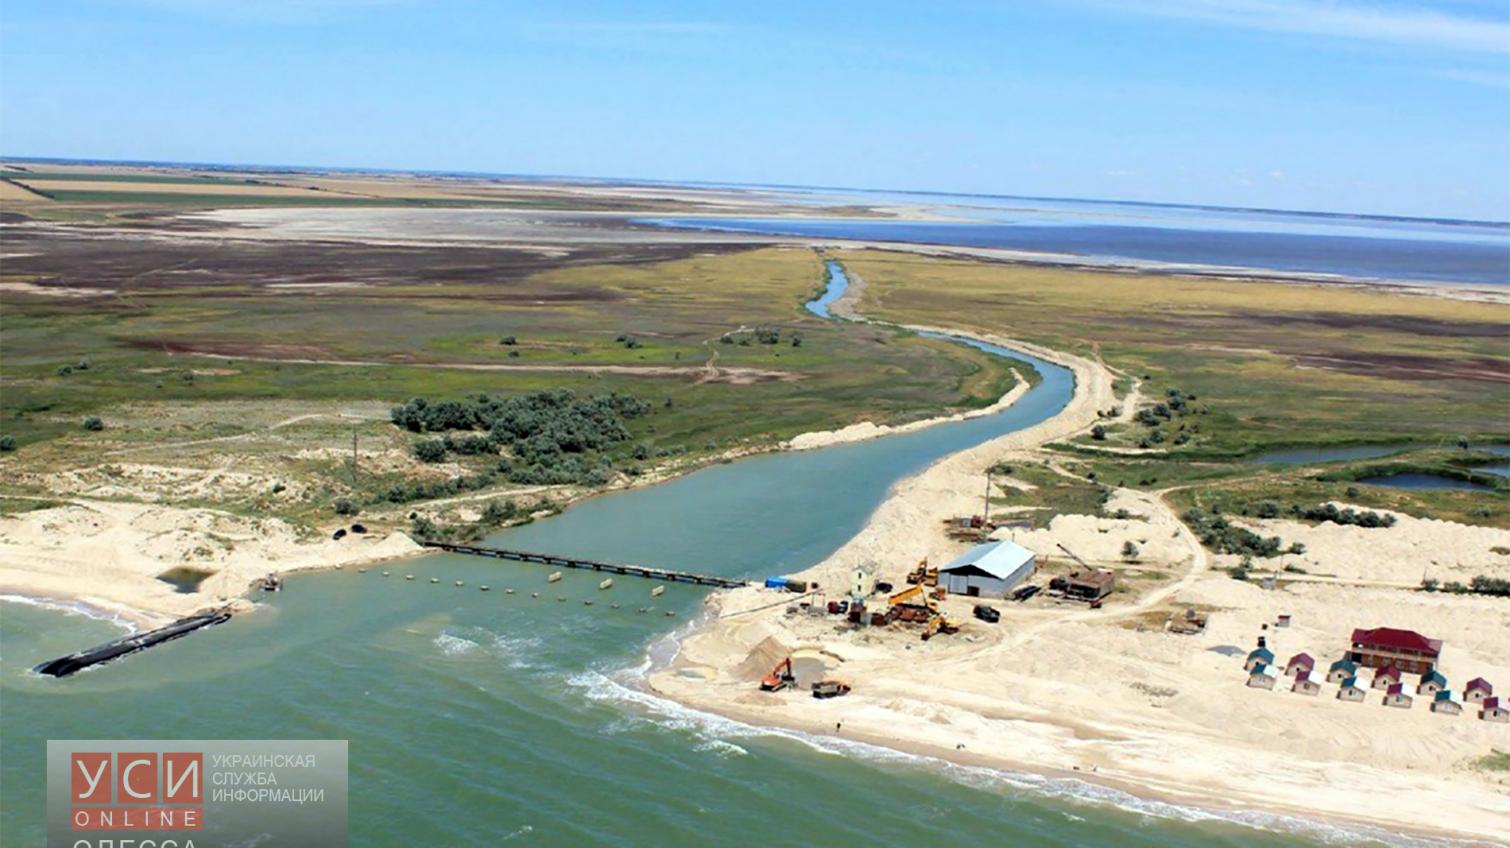 Тузловские лиманы намерены поделить на три зоны: заповедную, хозяйственную и туристическую «фото»